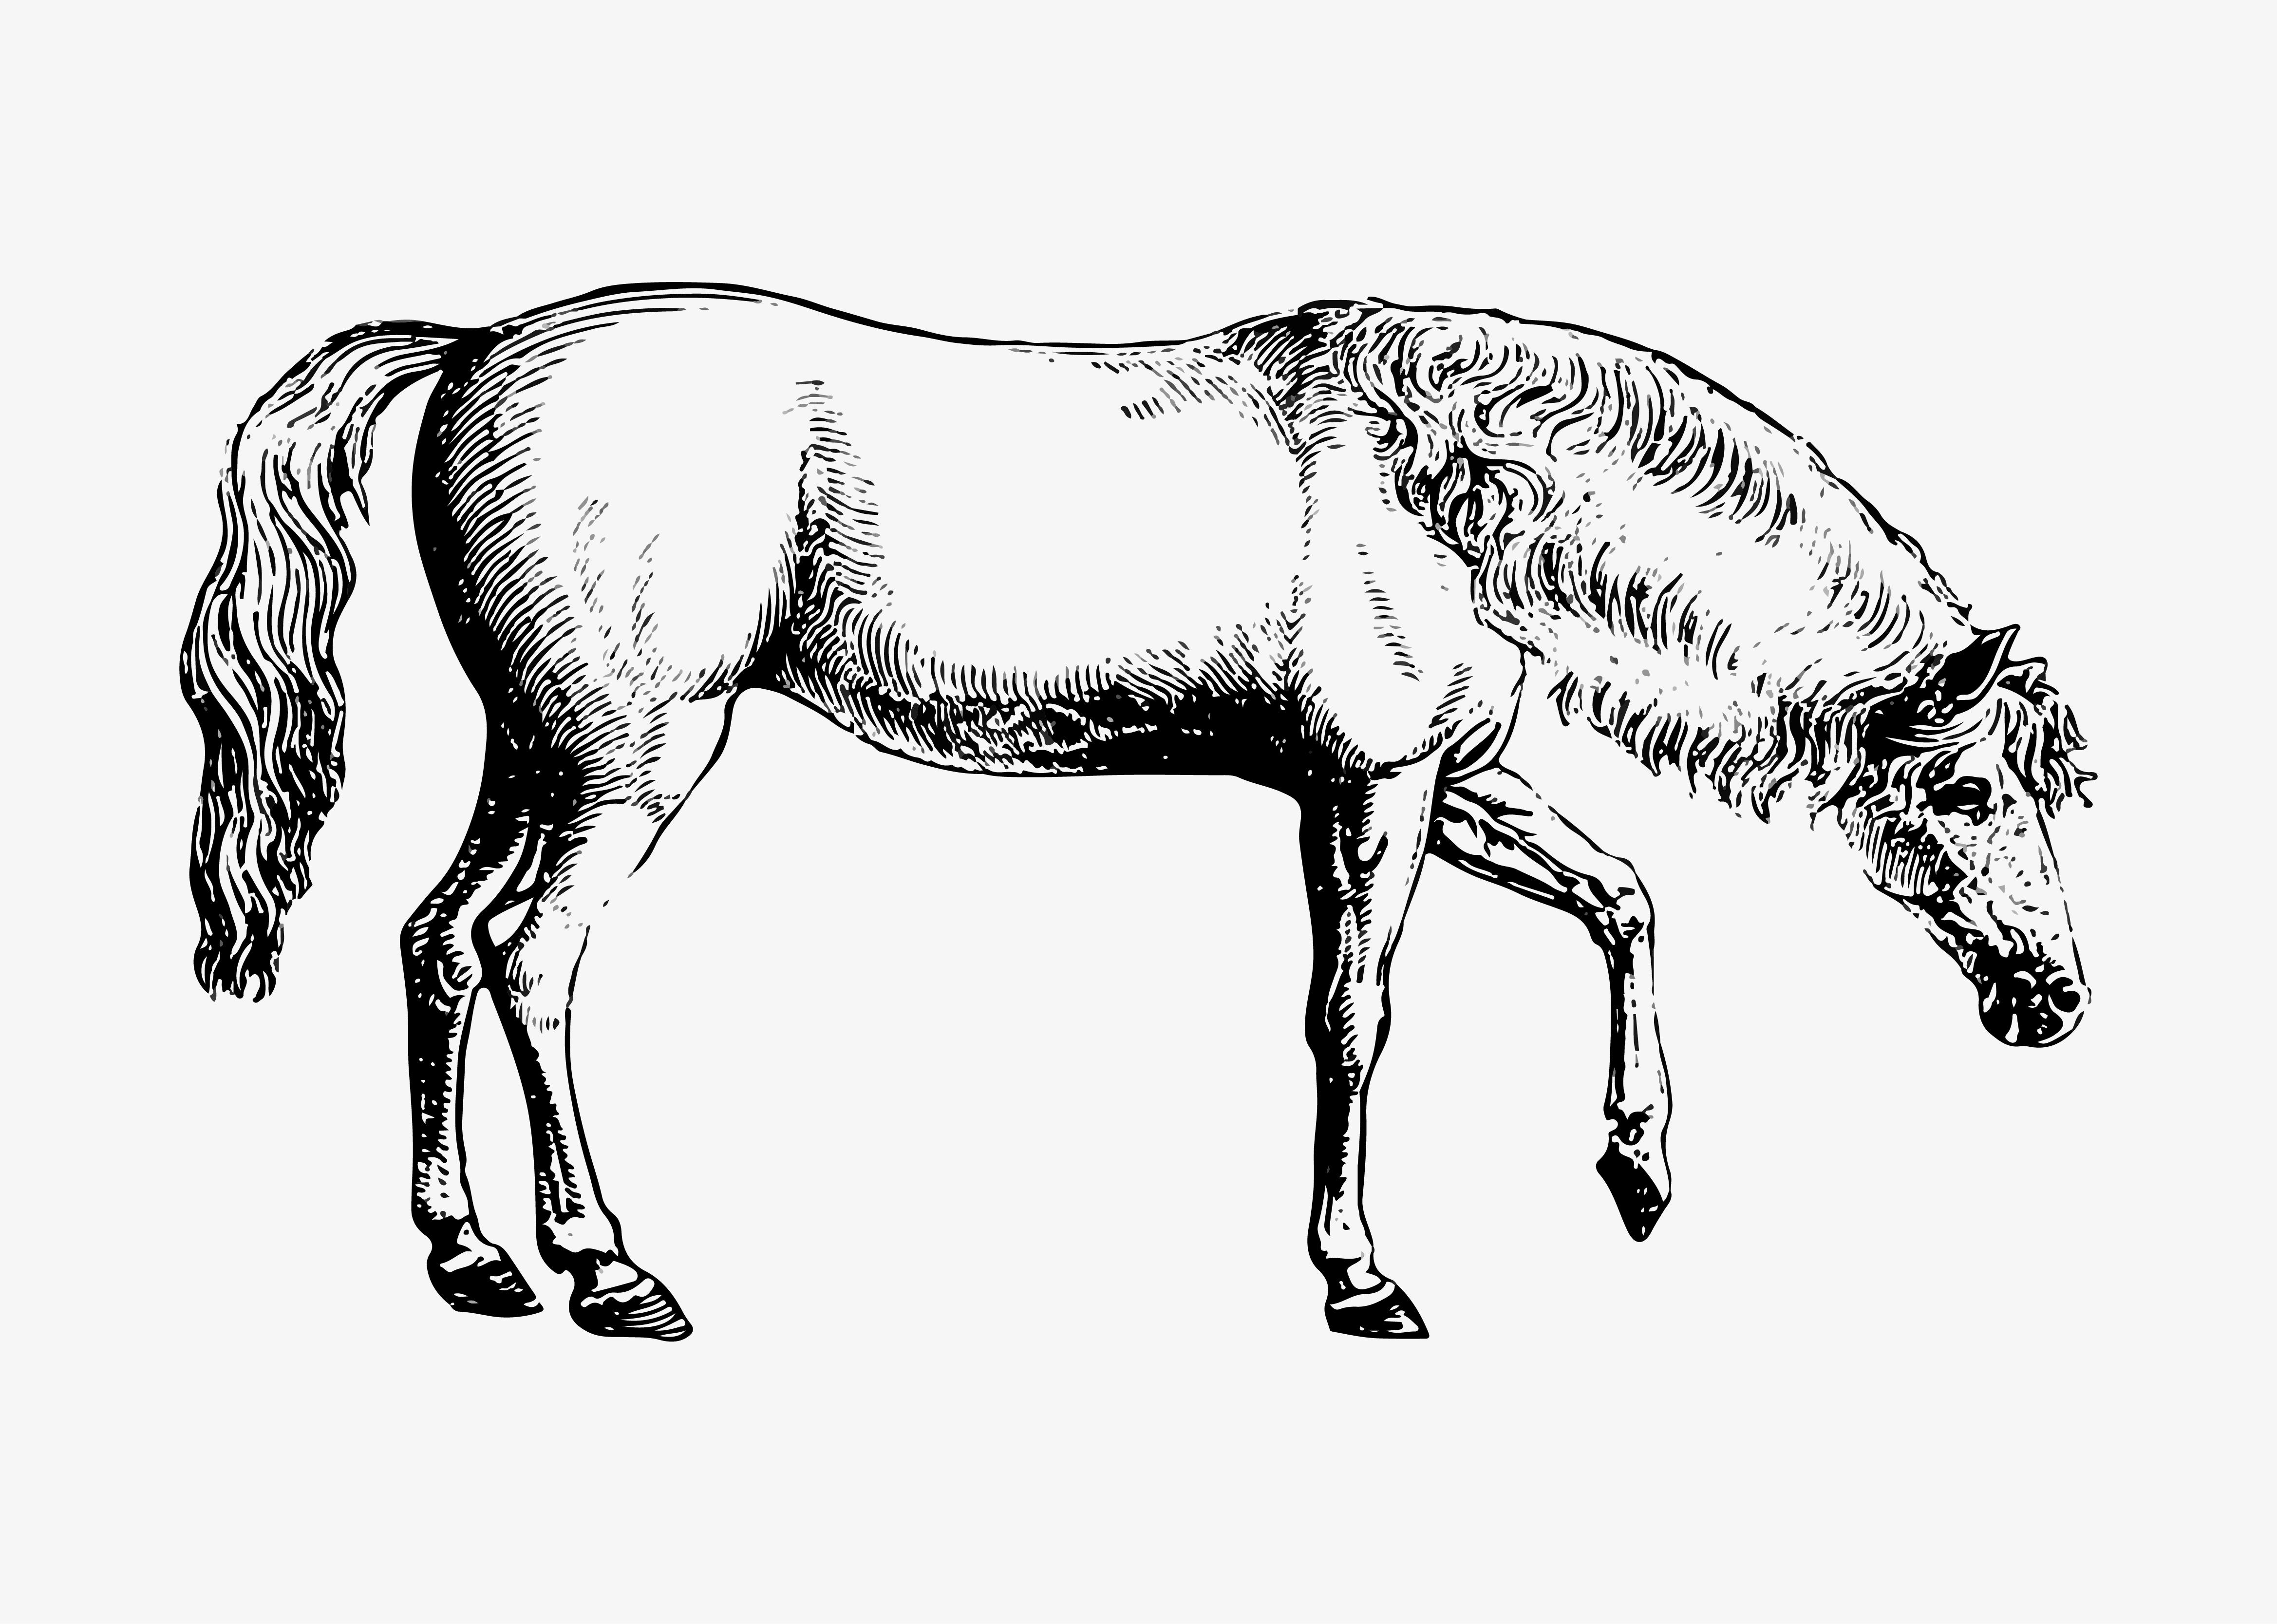 Sagoma Cavallo A Dondolo Disegno.Disegno Di Tonalita Di Cavallo Arabo Scarica Immagini Vettoriali